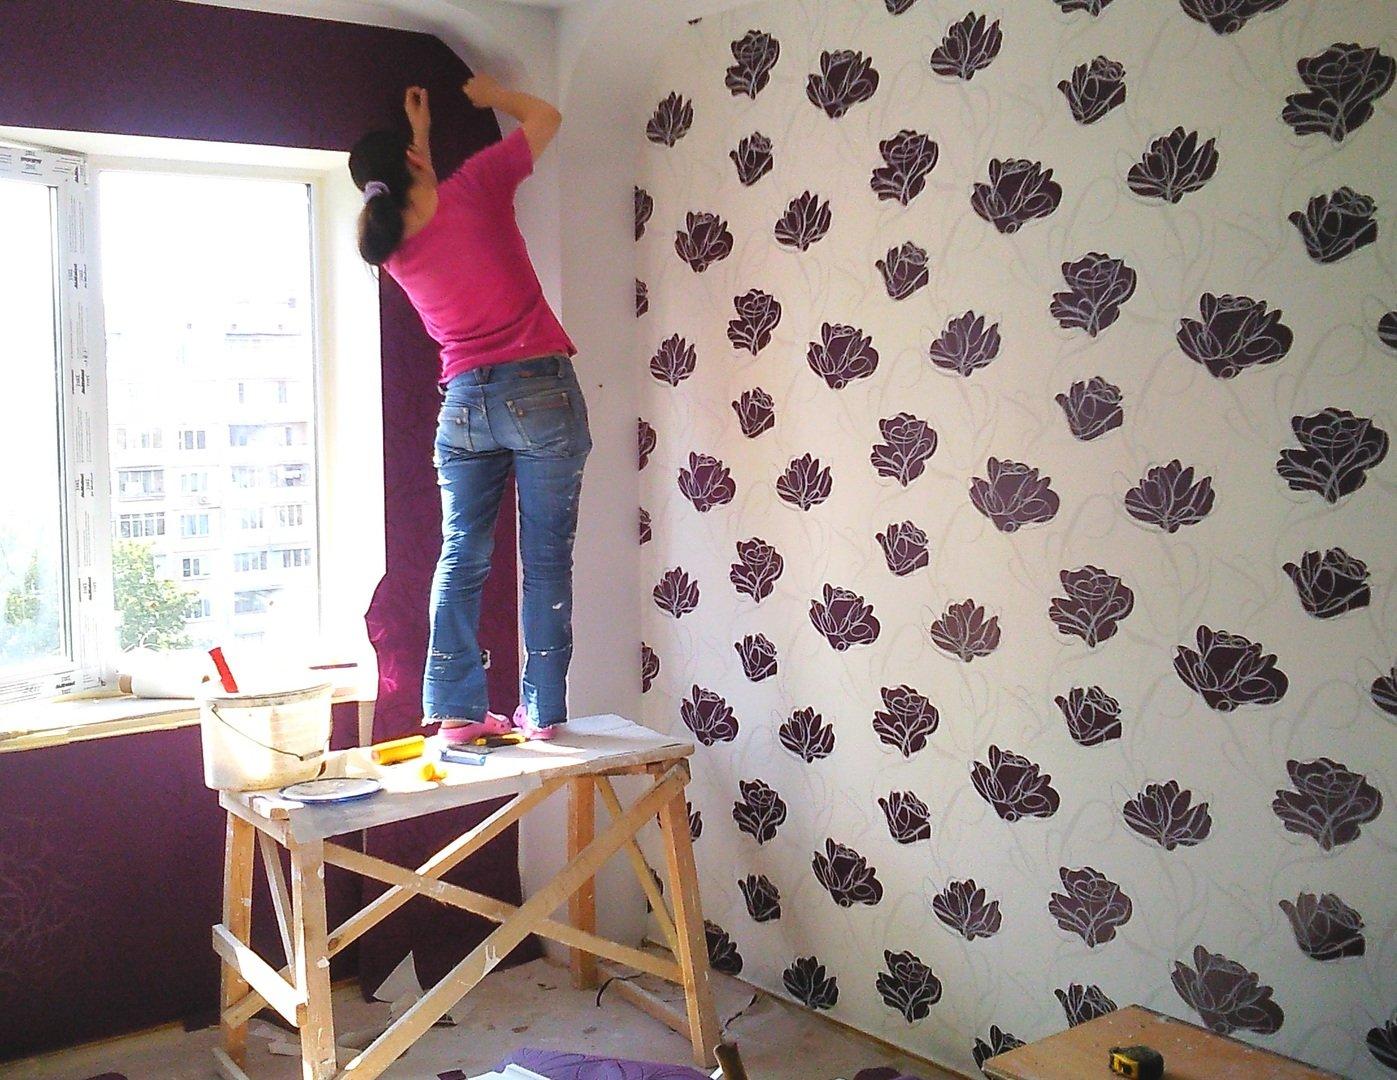 Updating the design using silkscreen wallpaper.